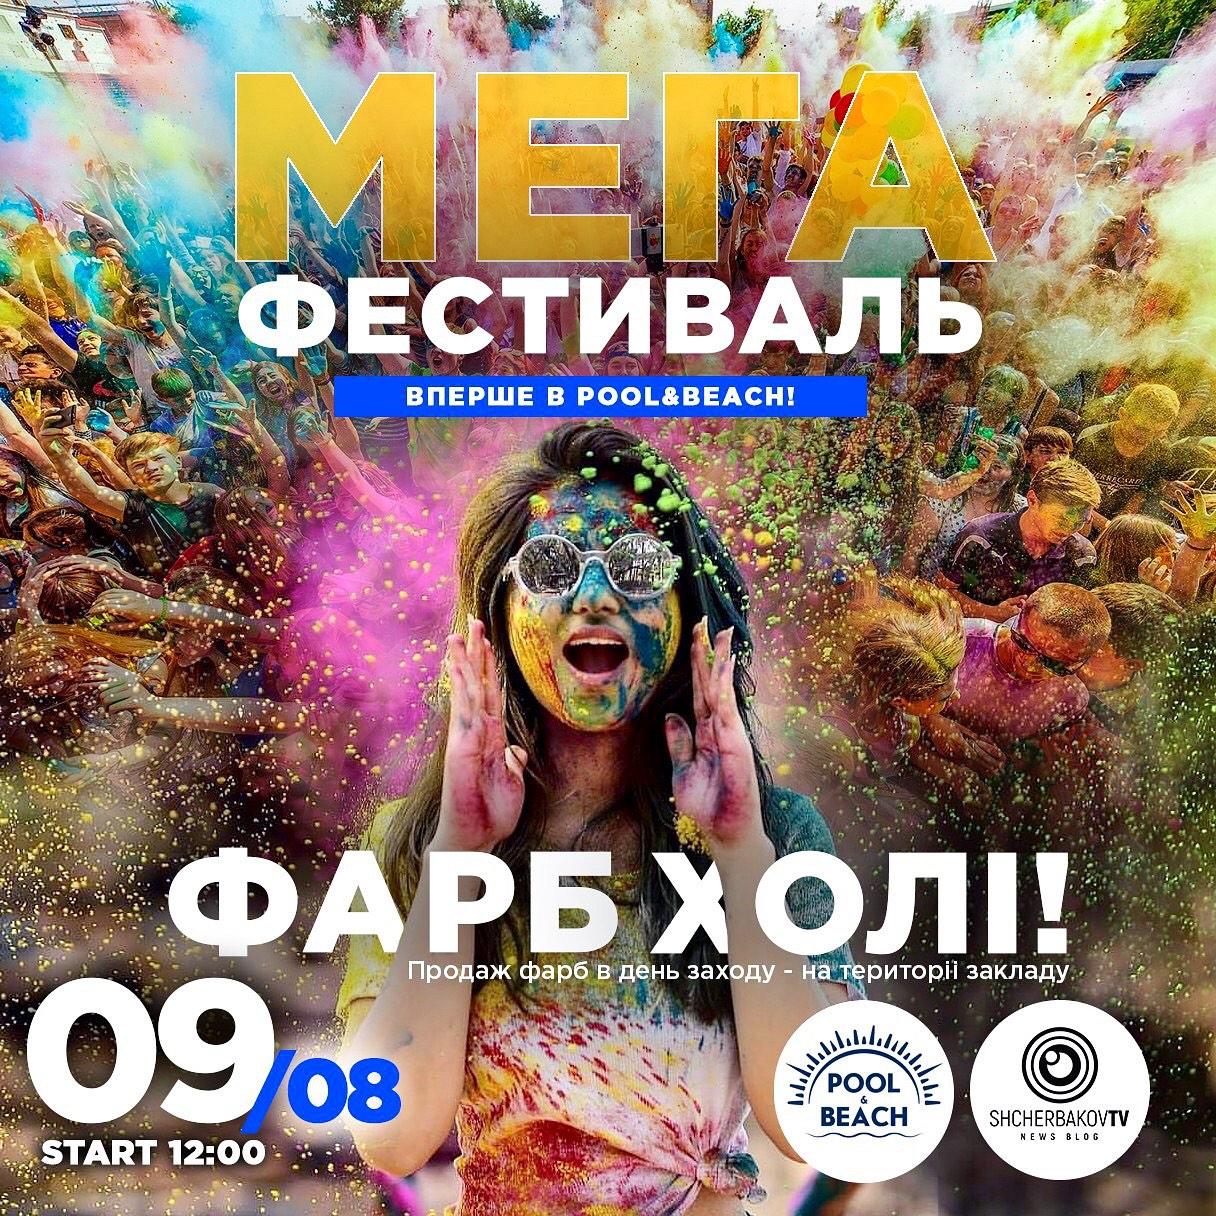 Встречайте, Mega Holi Fest с Красками Холи в Pool & Beach!